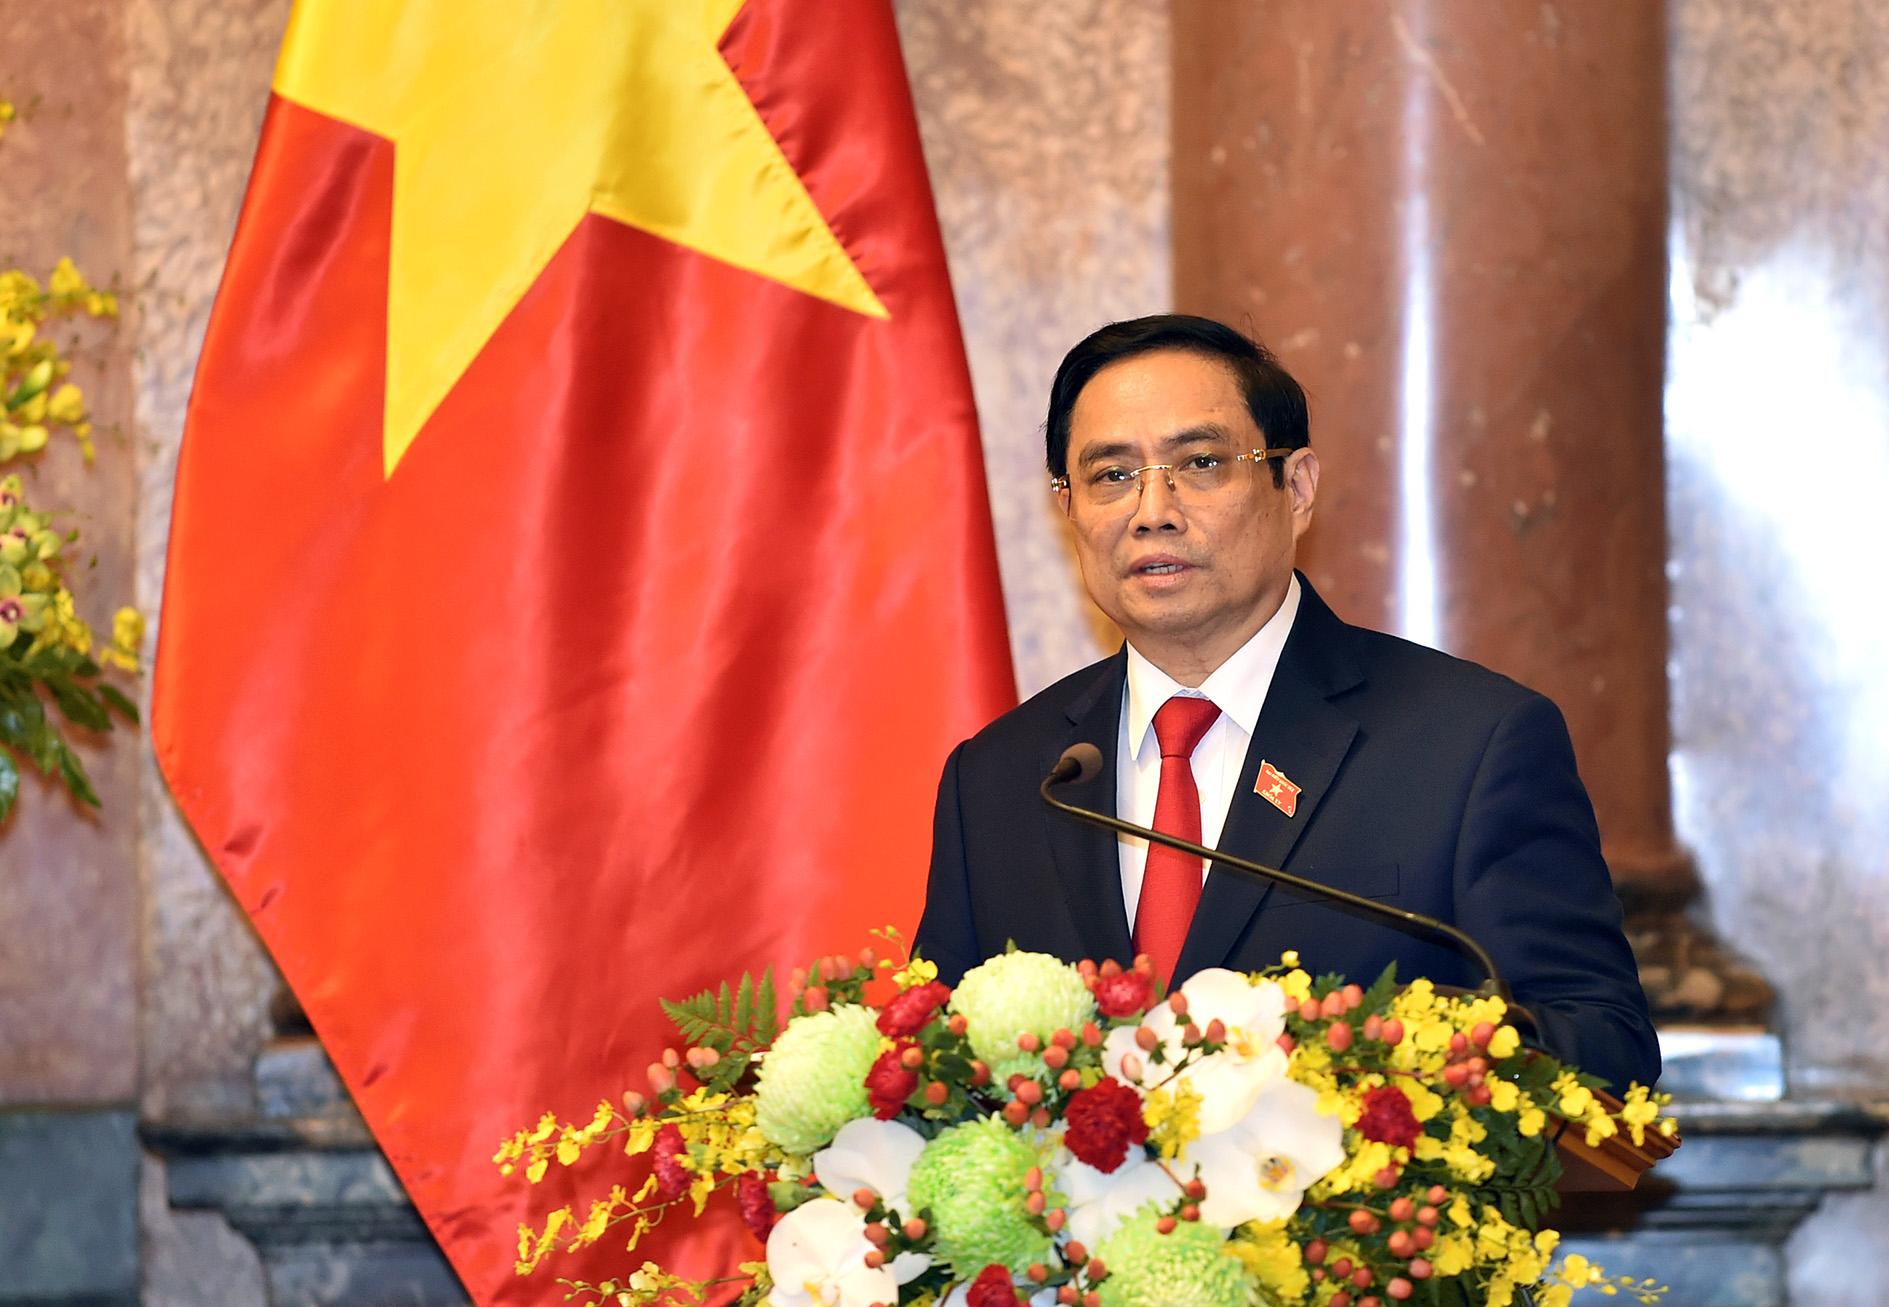 Chủ tịch nước: Chính phủ sẽ đẩy lùi đại dịch, sớm đưa đất nước trở về 'trạng thái bình thường mới' - Ảnh 3.